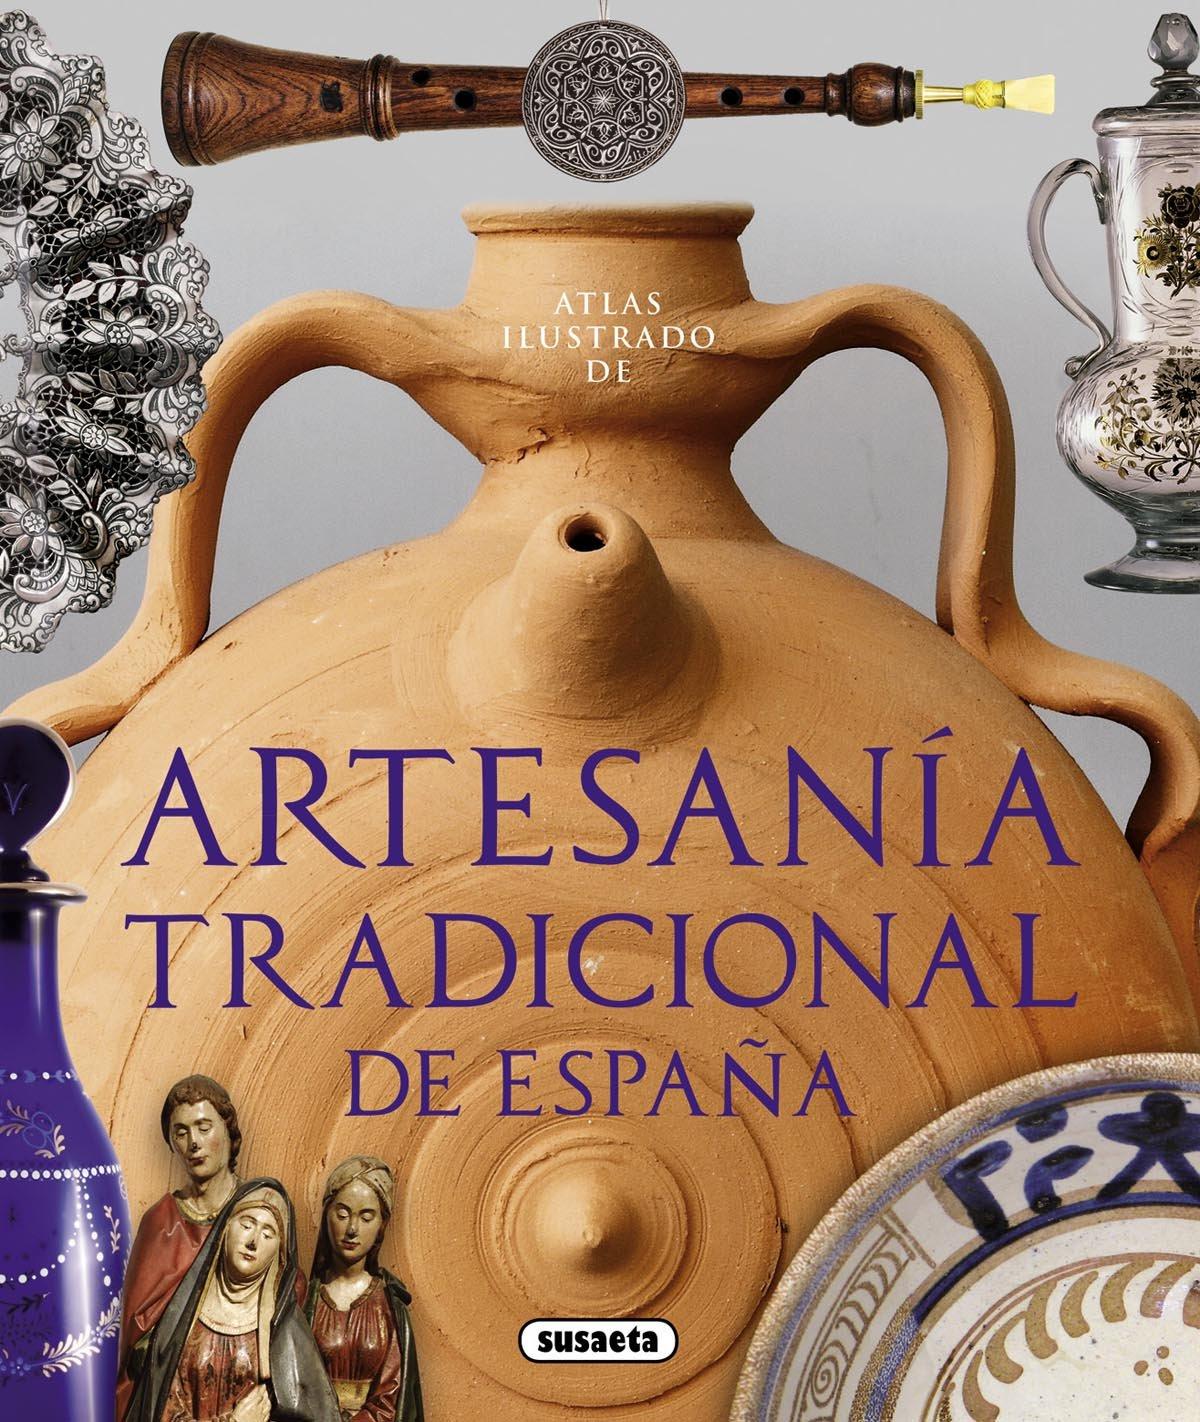 Atlas ilustrado de artesanía tradicional de España: Amazon.es: Balasch Blanch, Enric, Ruiz Arranz, Yolanda: Libros